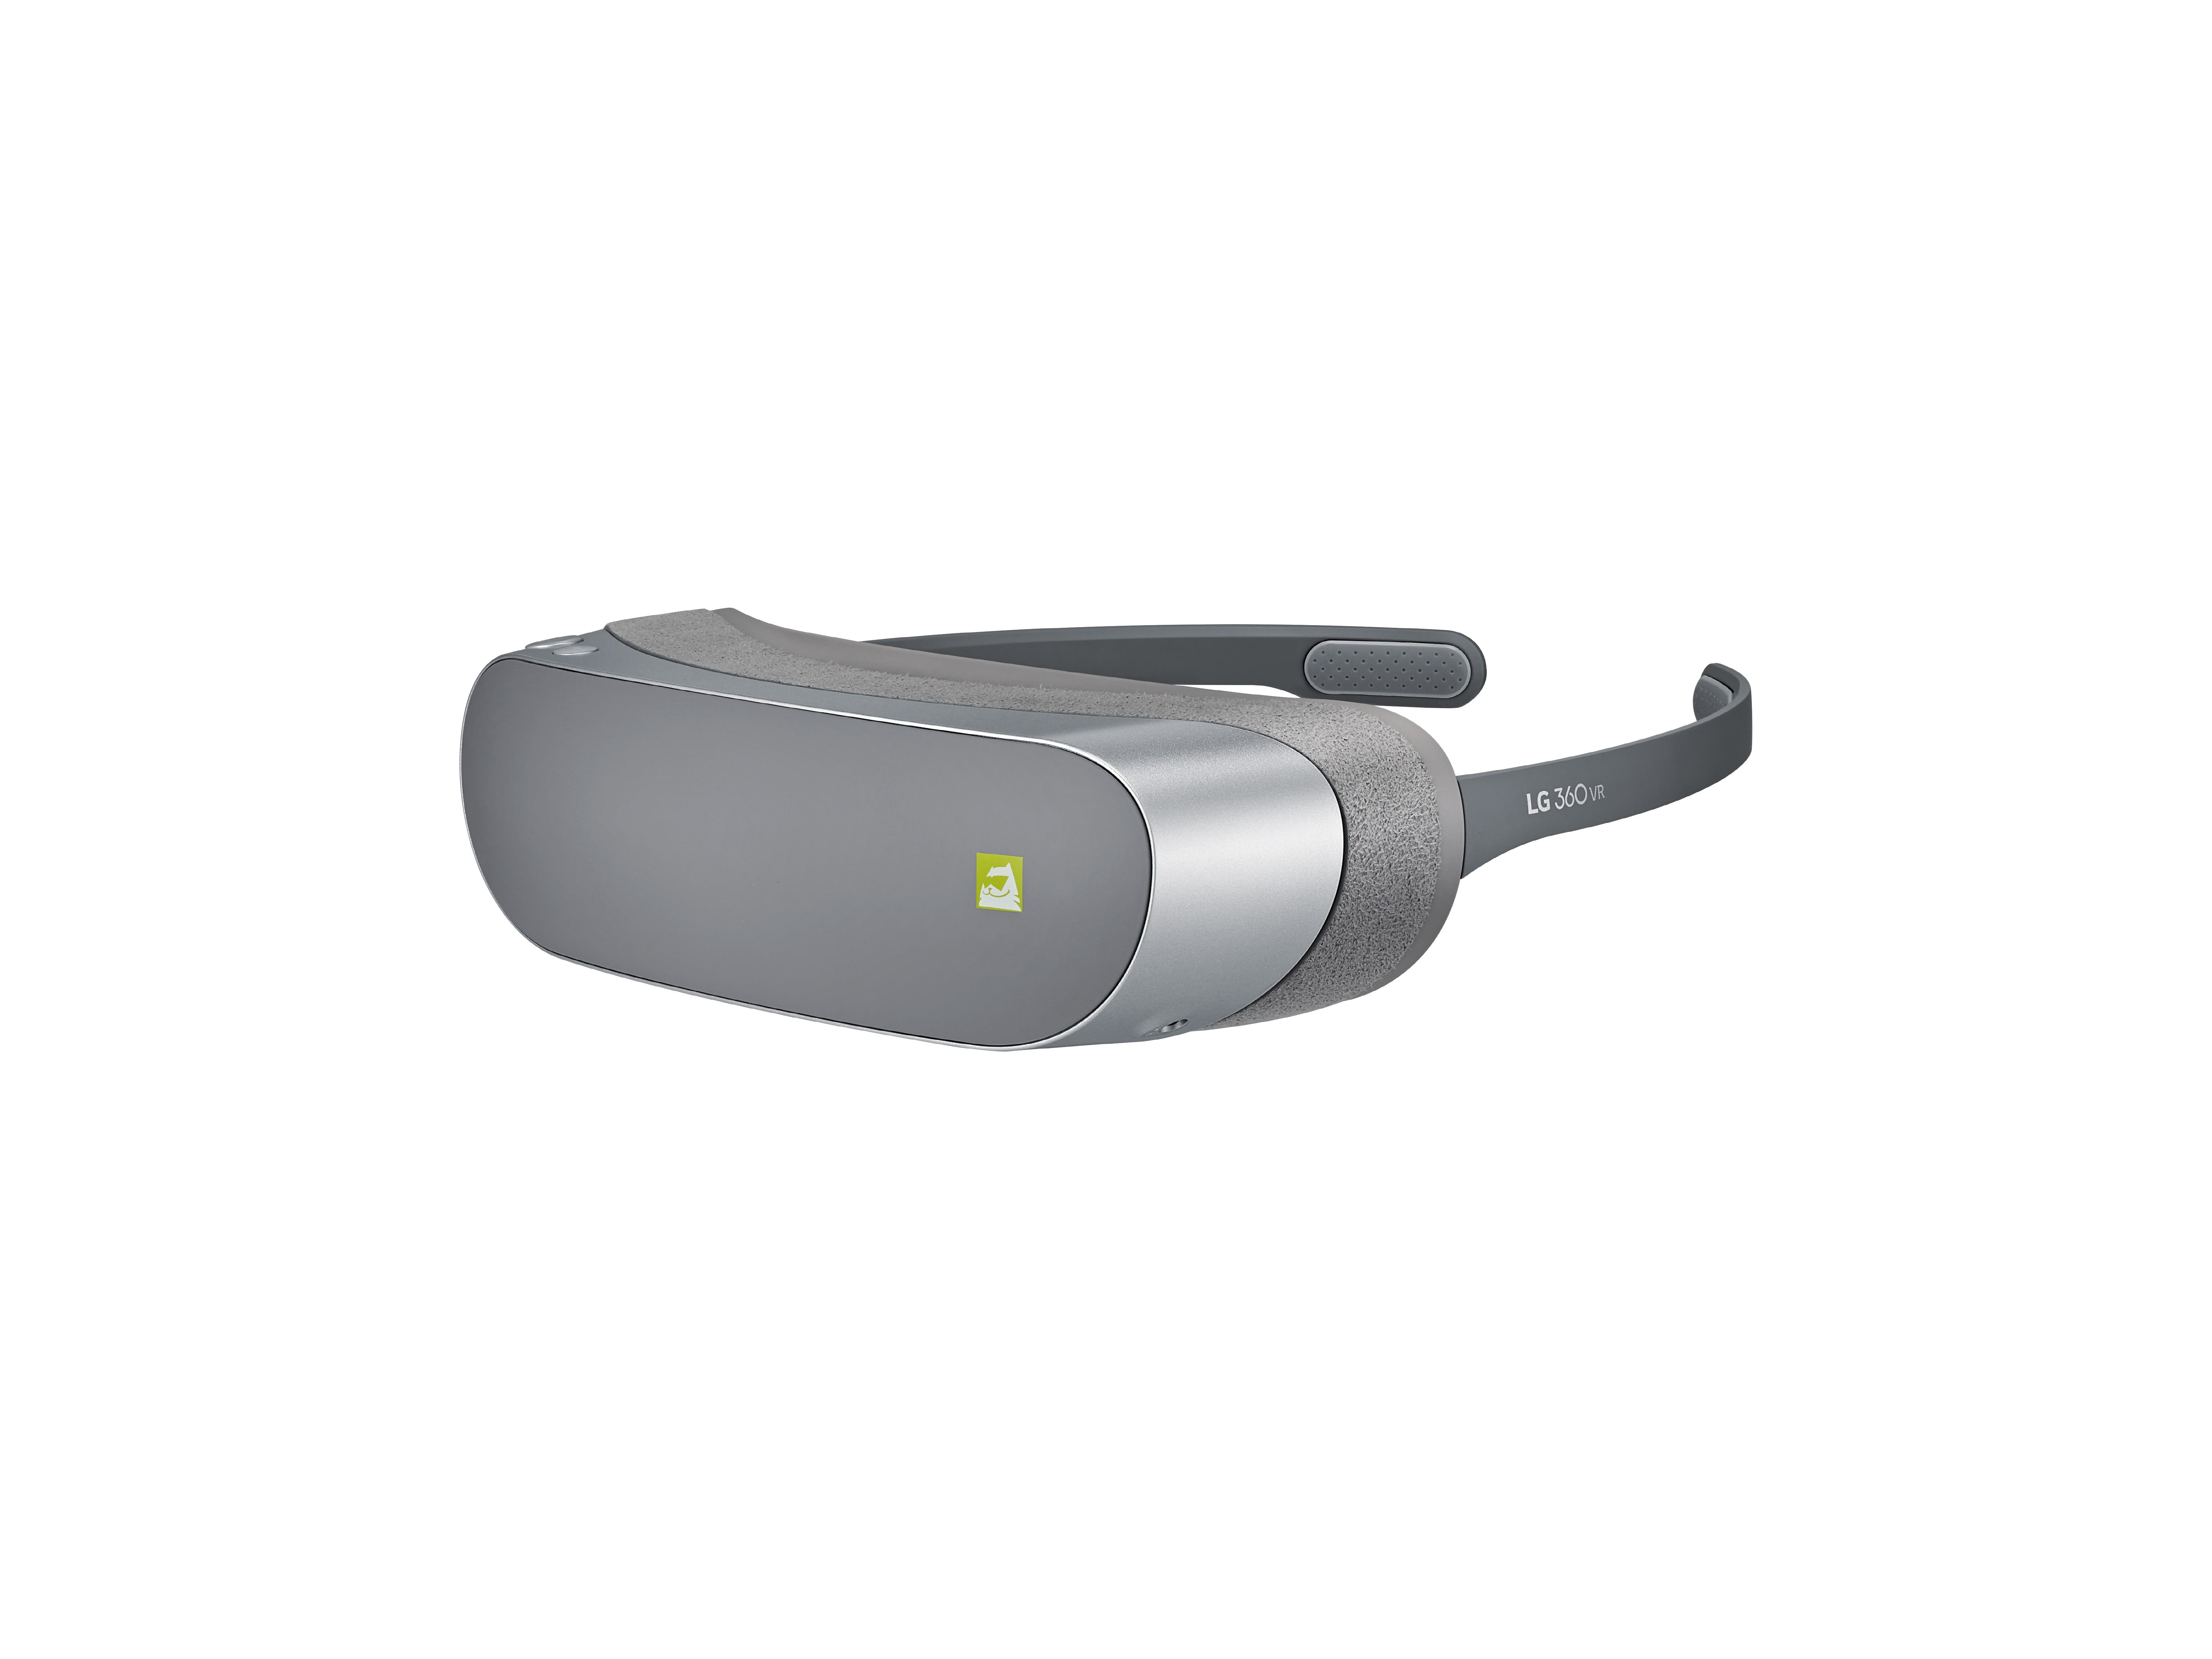 MWC16 LG-360VR